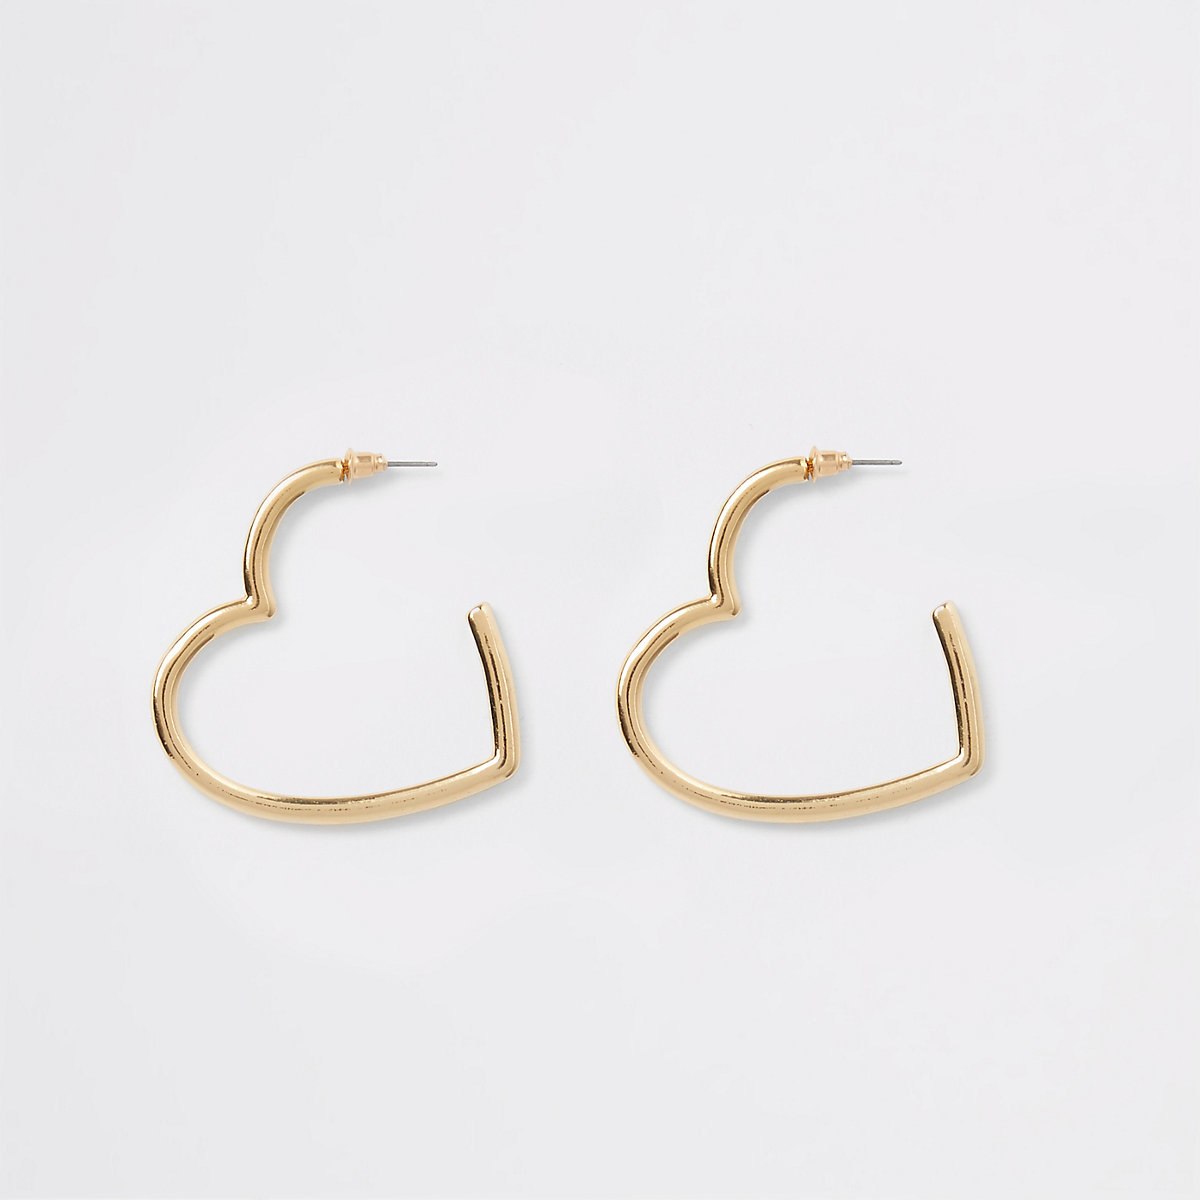 Gold tone heart shape hoop earrings